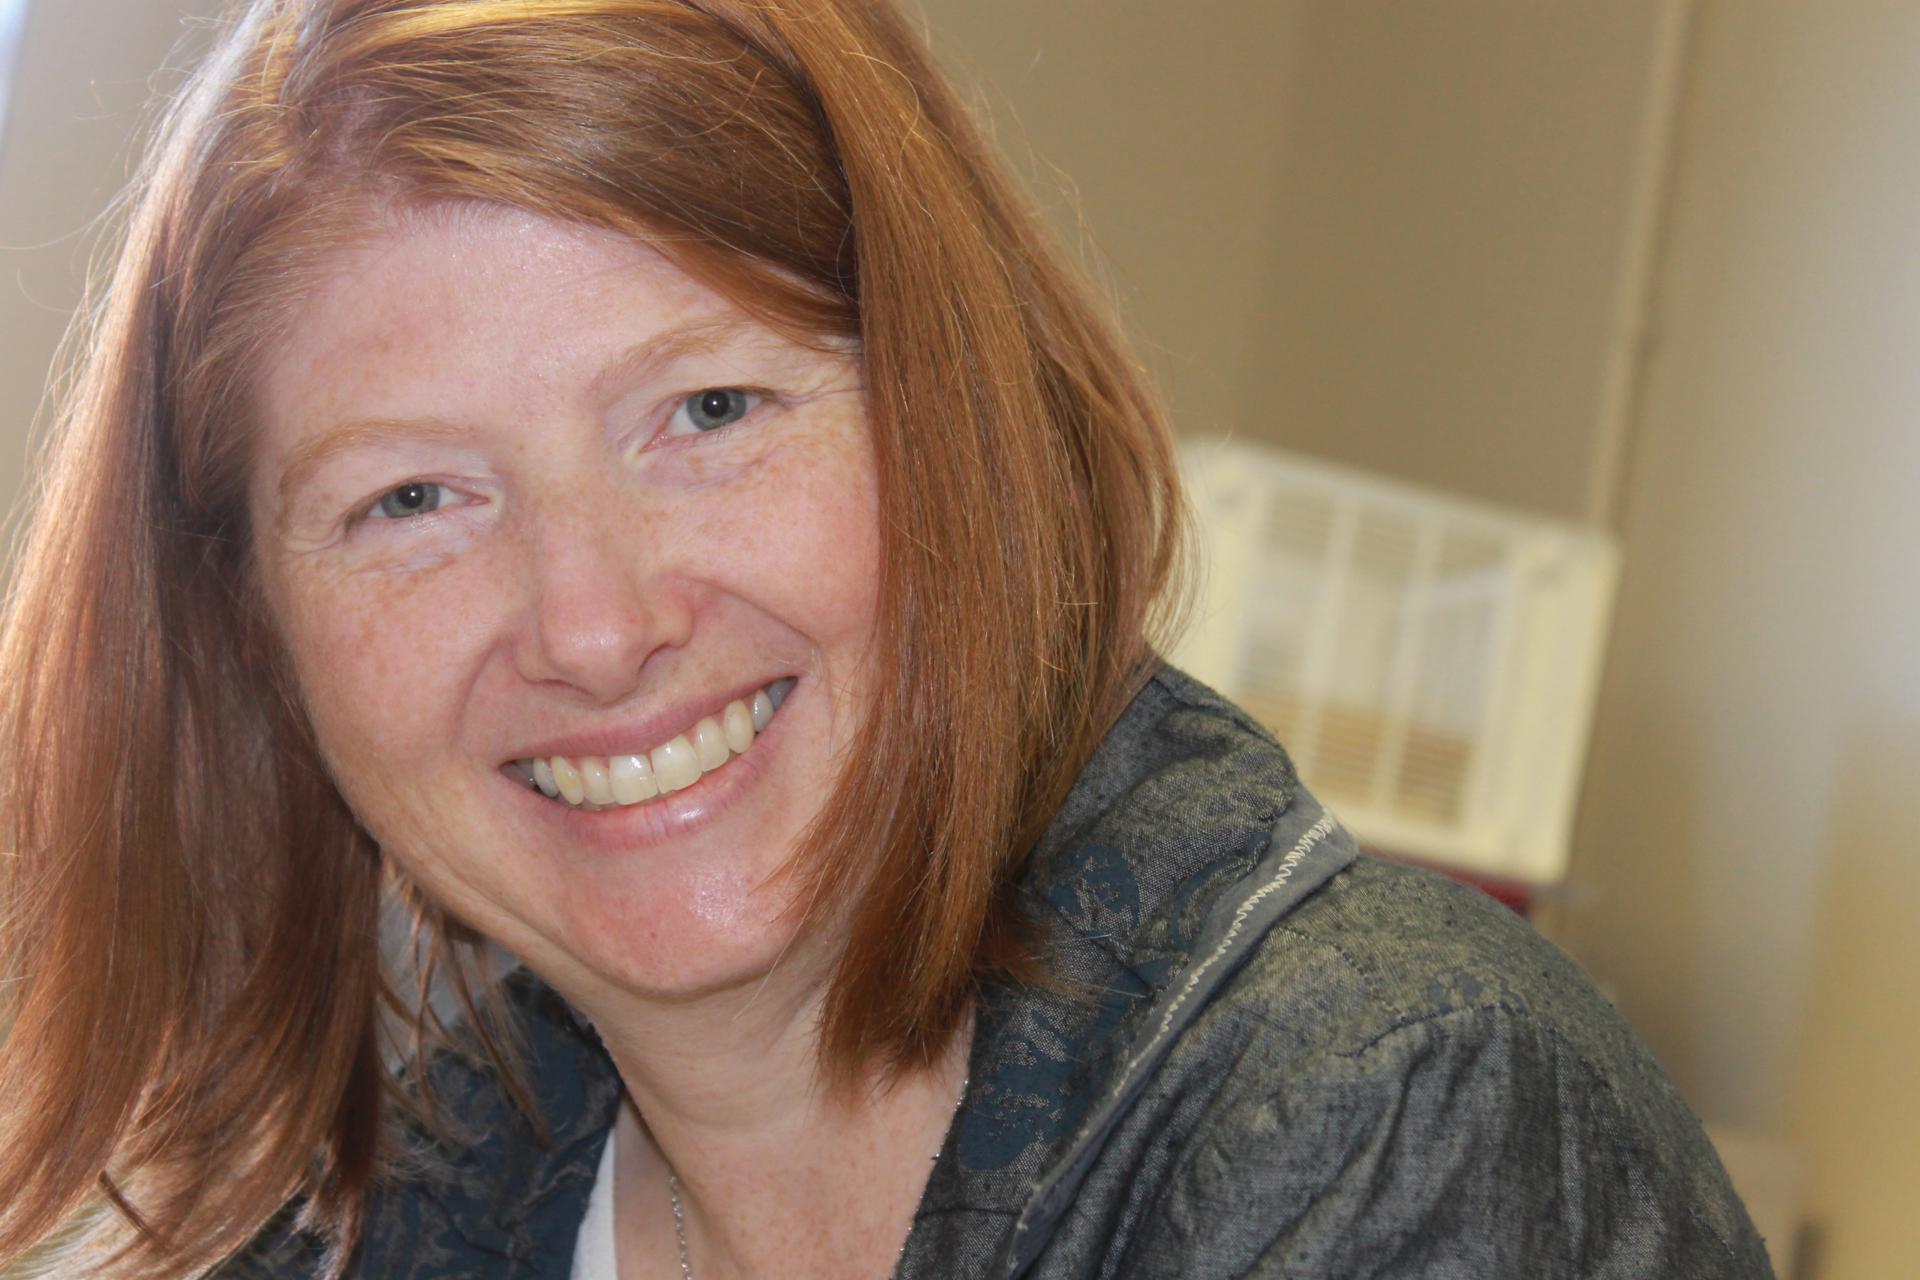 Sarah Fox-School Counselor